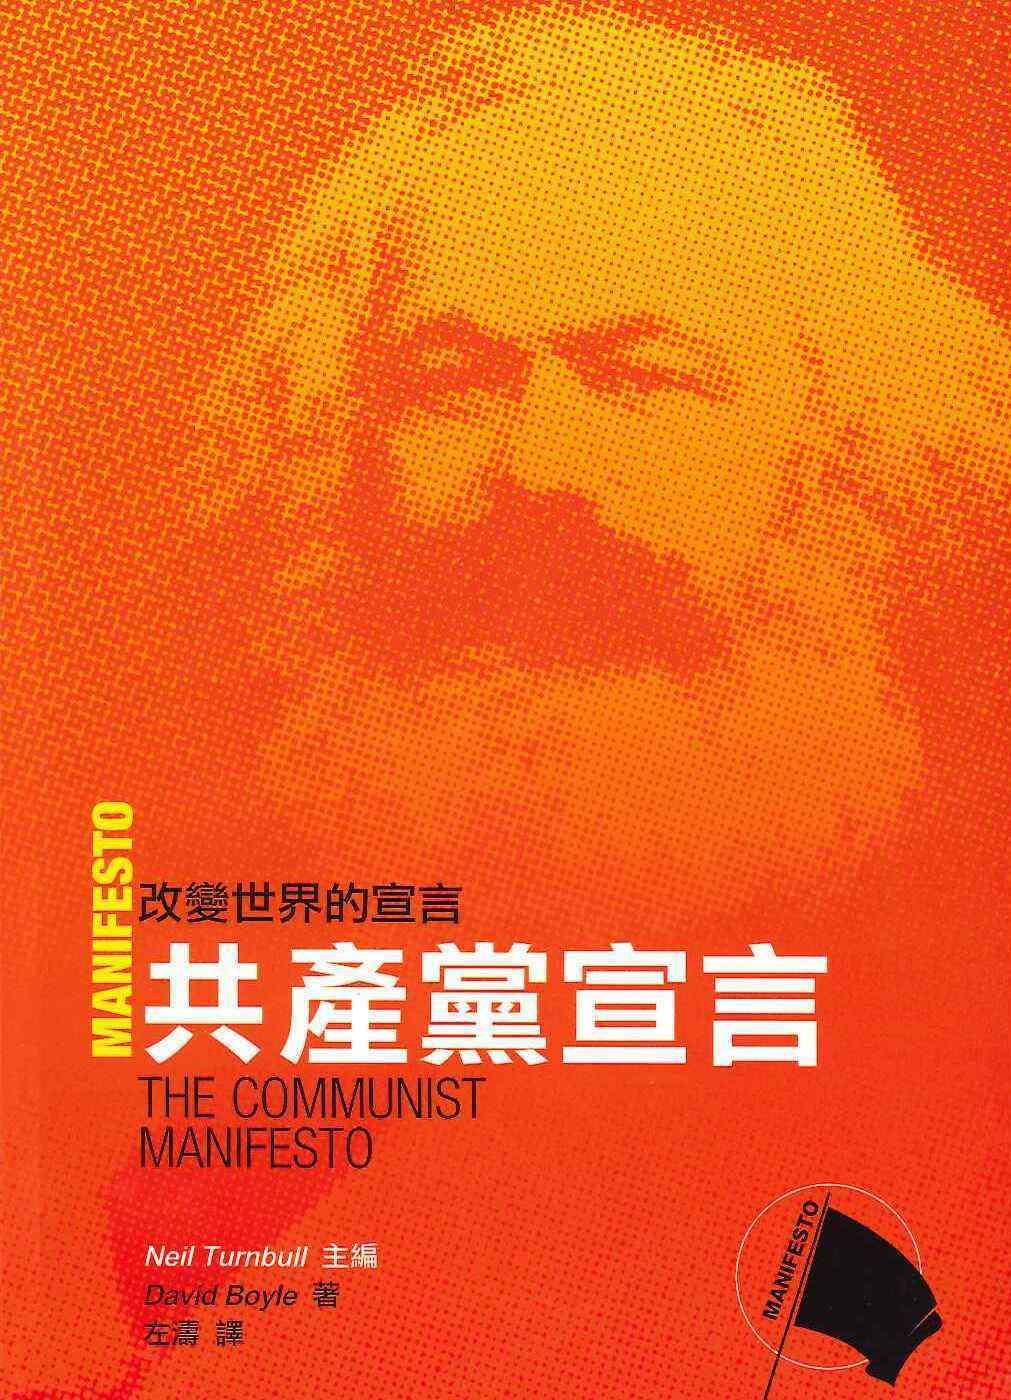 共产党宣言学习心得体会600字